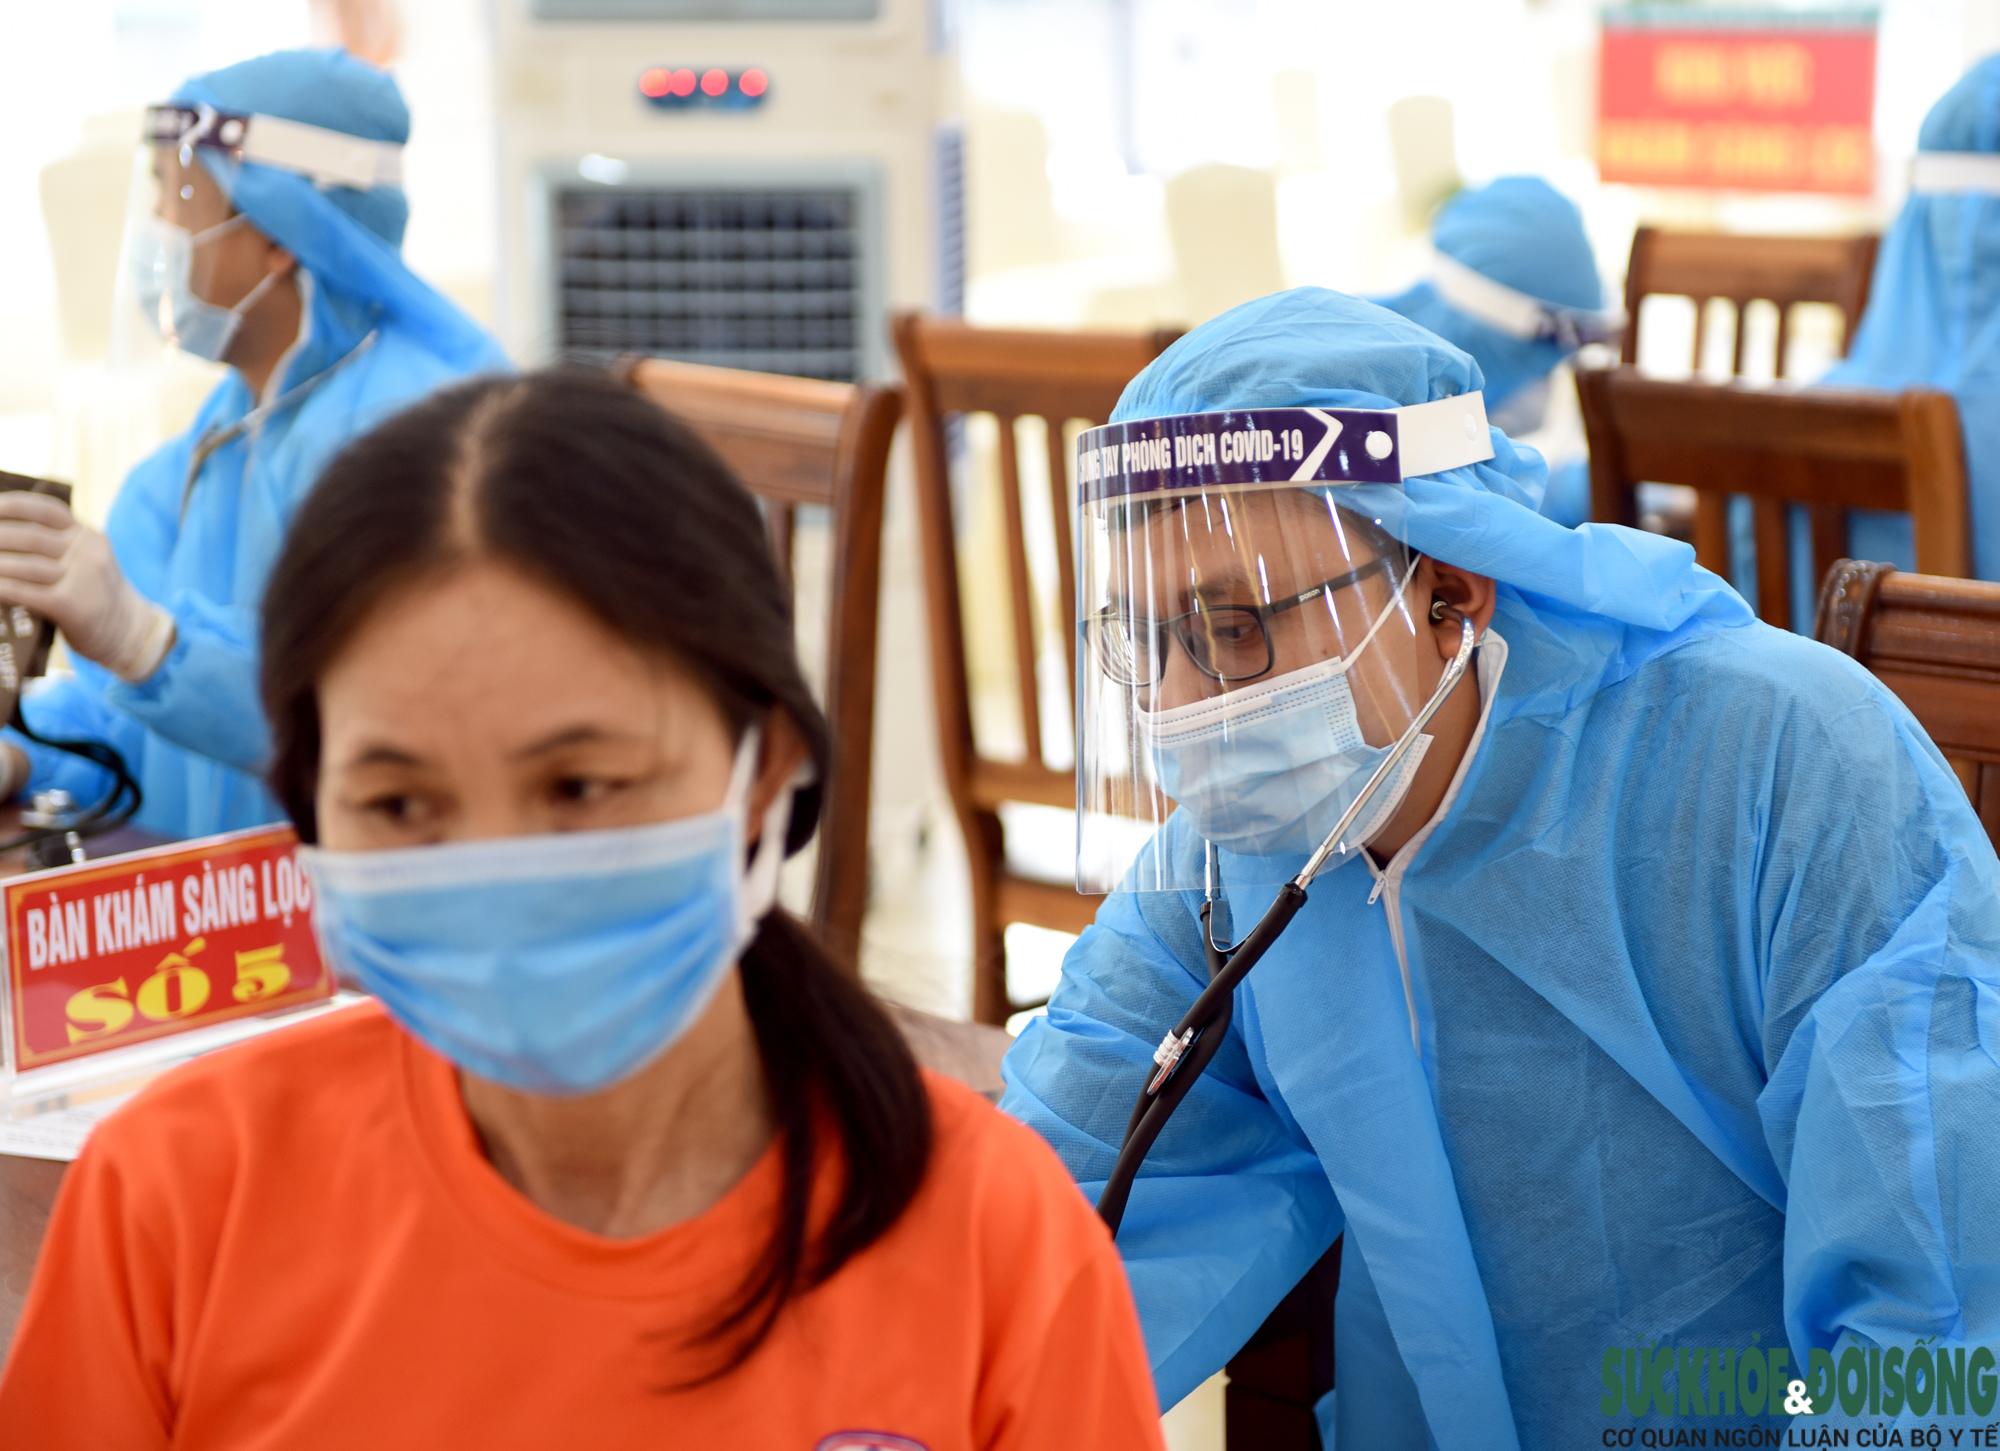 Nghệ An triển khai tiêm hơn 18 ngàn liều vaccine COVID-19  - Ảnh 9.